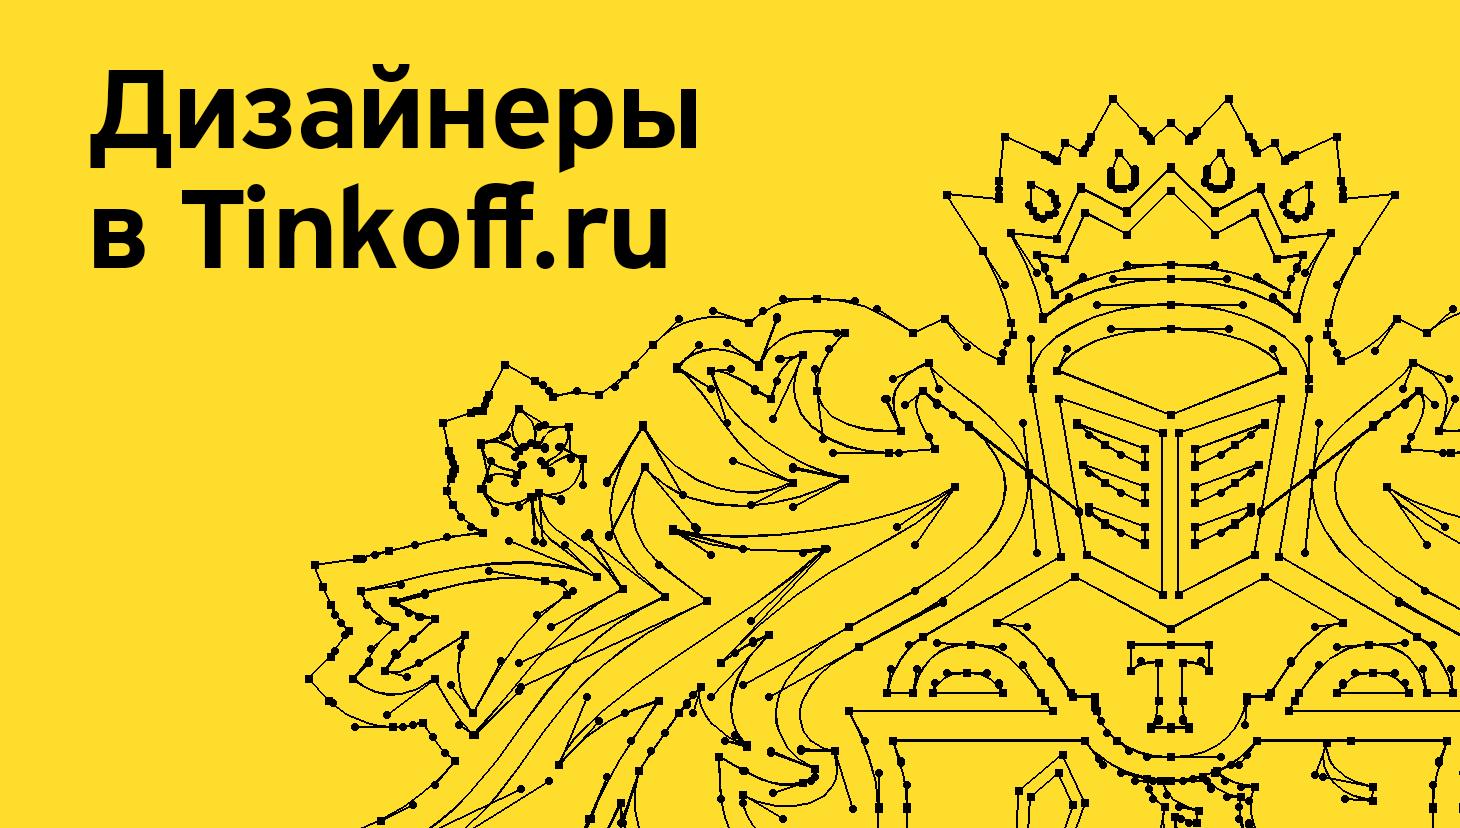 Tinkoff.ru ищет дизайнеров